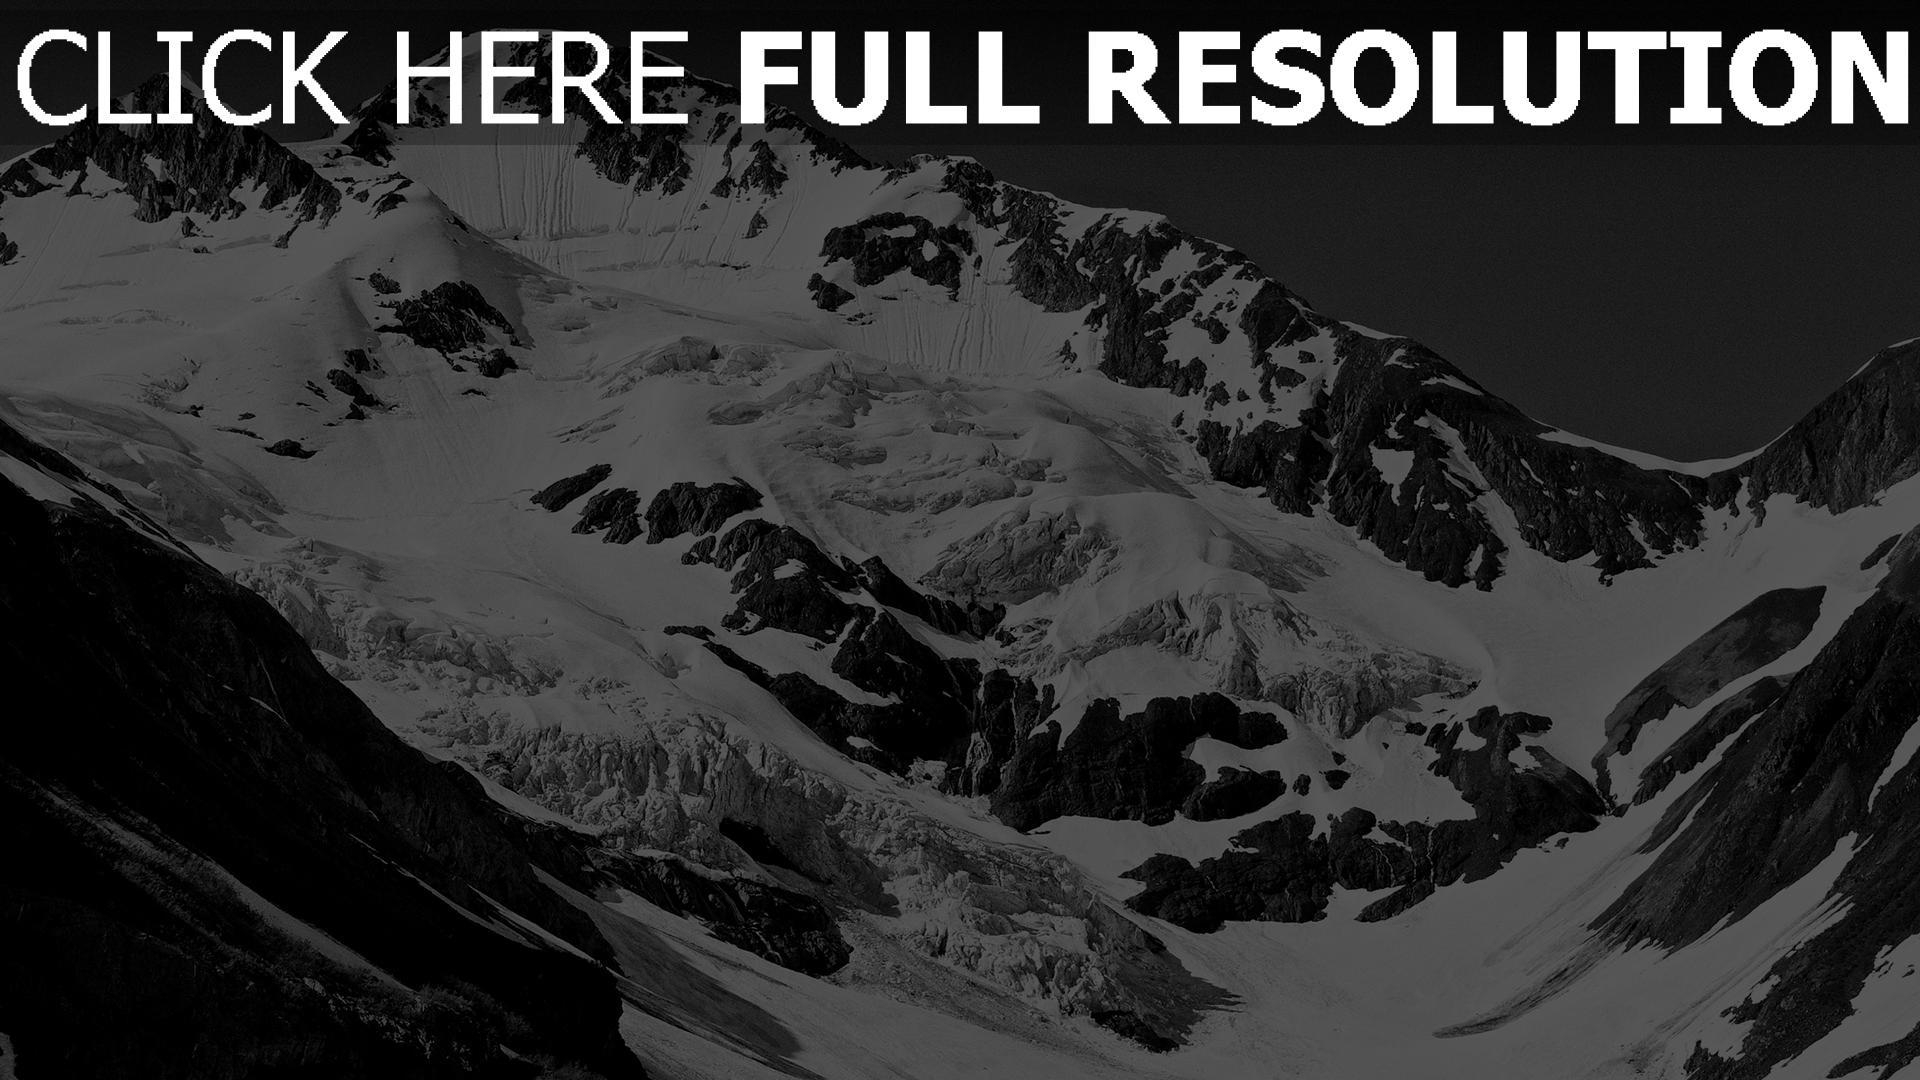 Hd Hintergrundbilder Berge Schnee Felsen Winter Schlucht Desktop